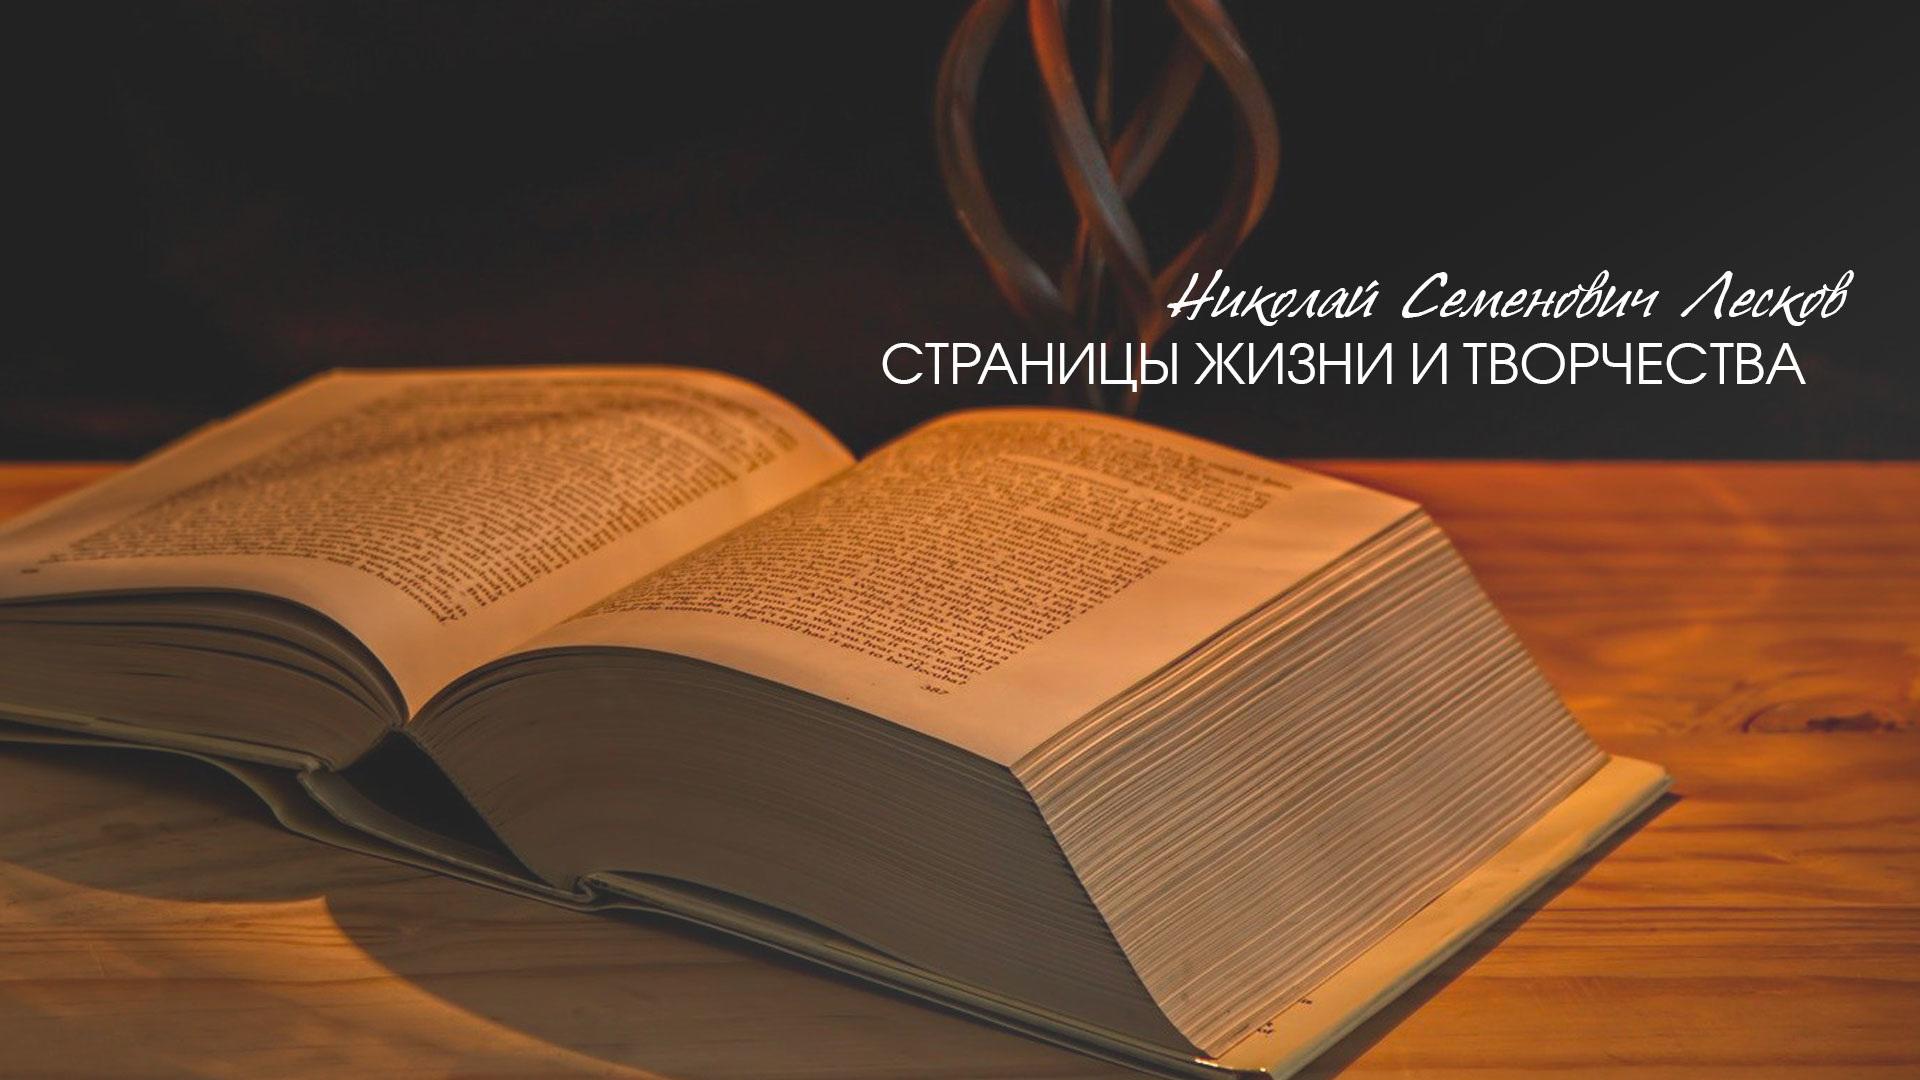 Николай Семенович Лесков. Страницы жизни и творчества